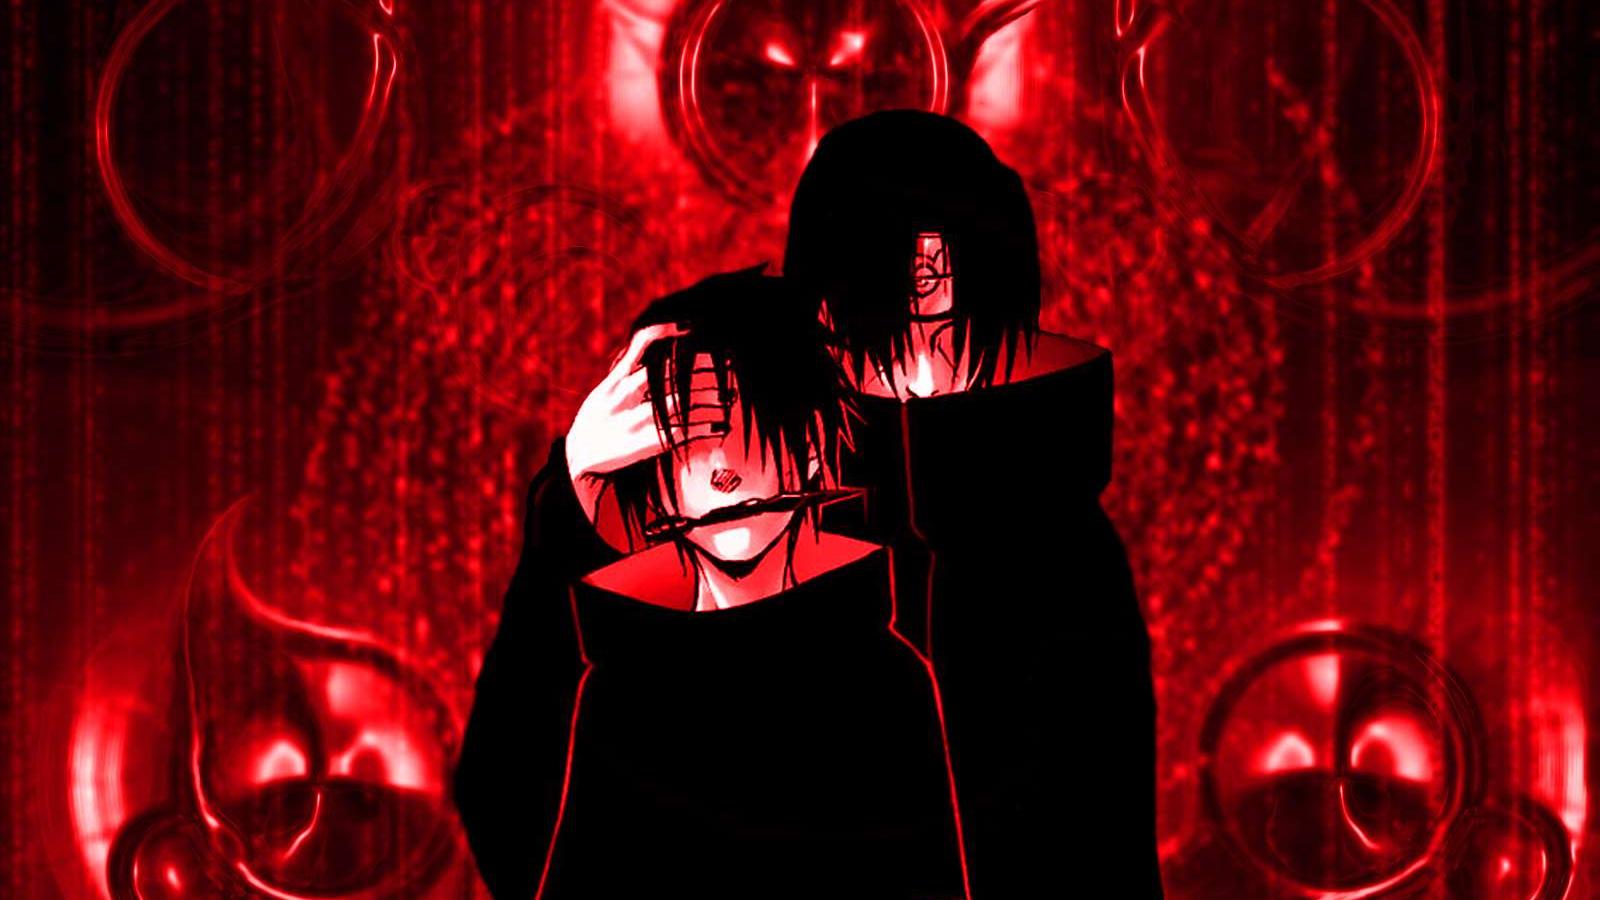 Free Naruto Wallpaper Naruto Wallpaper Hd Anime